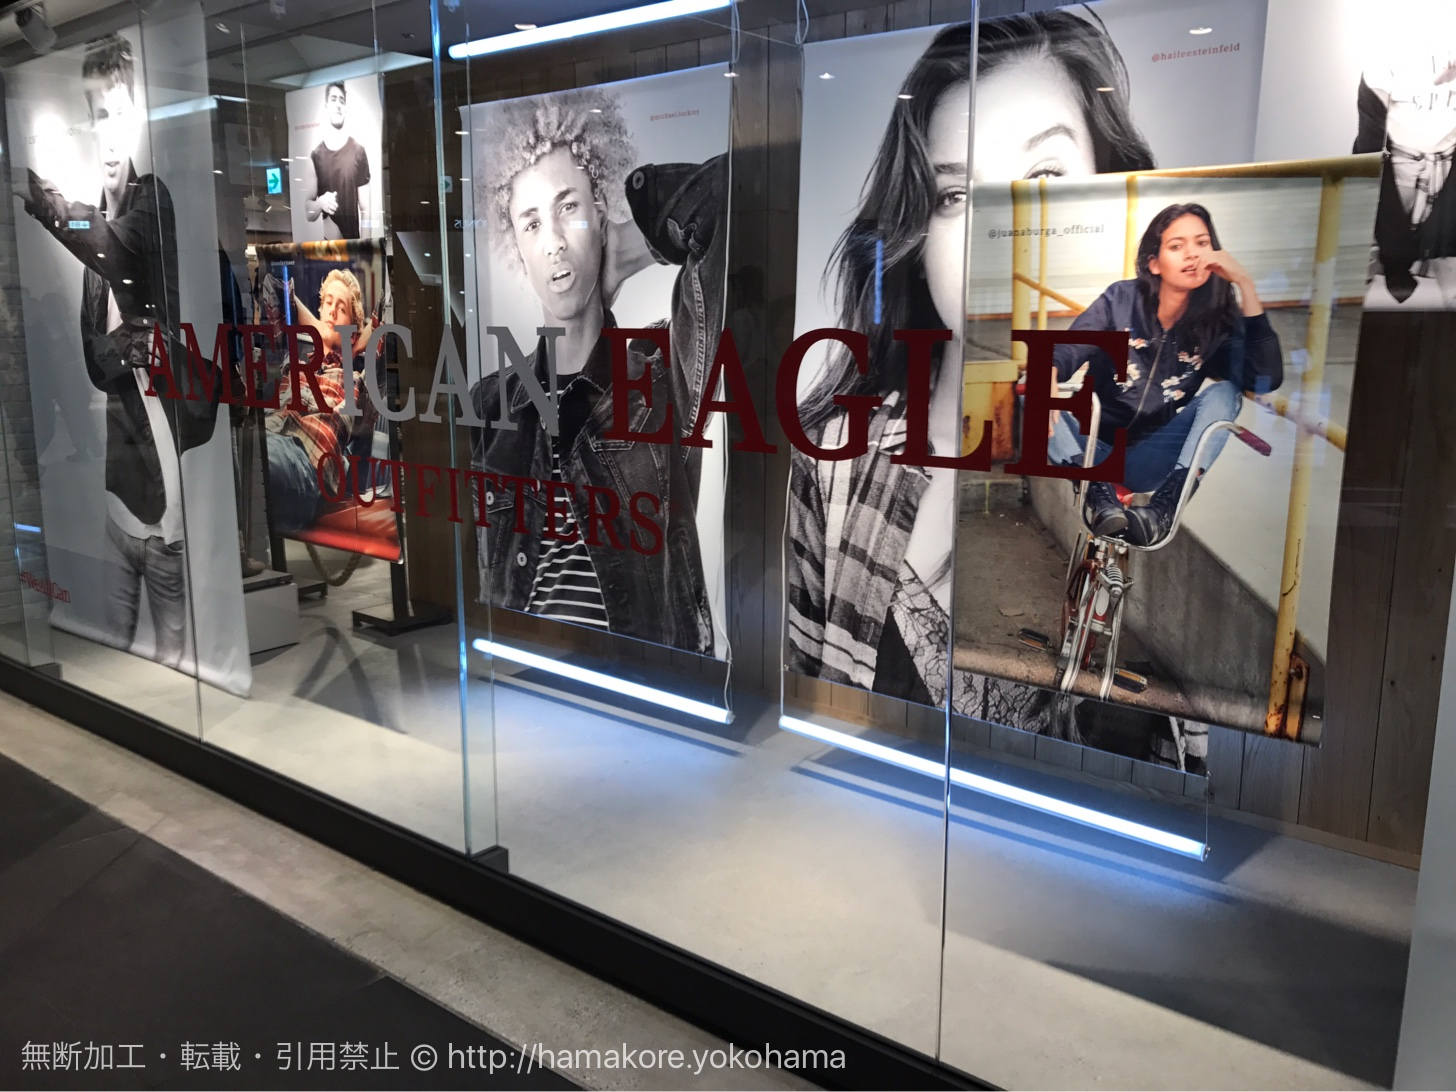 横浜駅 バールデルソーレの跡地に「アメリカンイーグル アウトフィッターズ」がオープン!